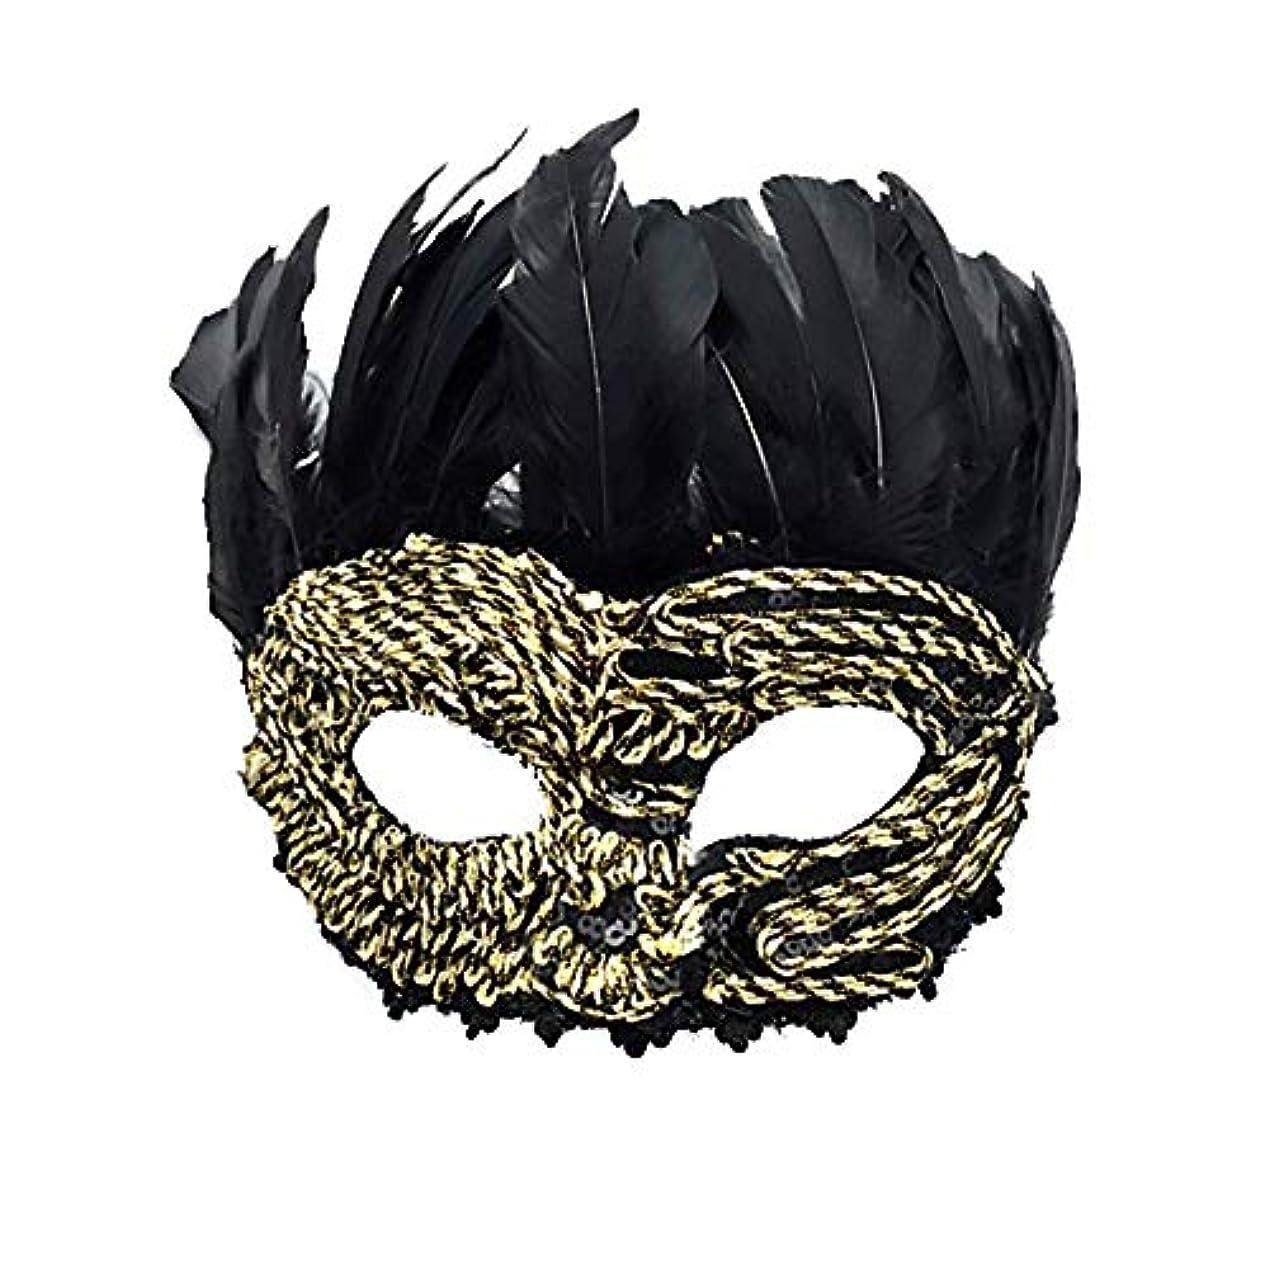 等しい管理します反対するNanle ハロウィーンクリスマスレースフェザースパンコール刺繍マスク仮装マスクレディーメンズミスプリンセス美容祭パーティーデコレーションマスク(カップルモデル) (色 : Style B)